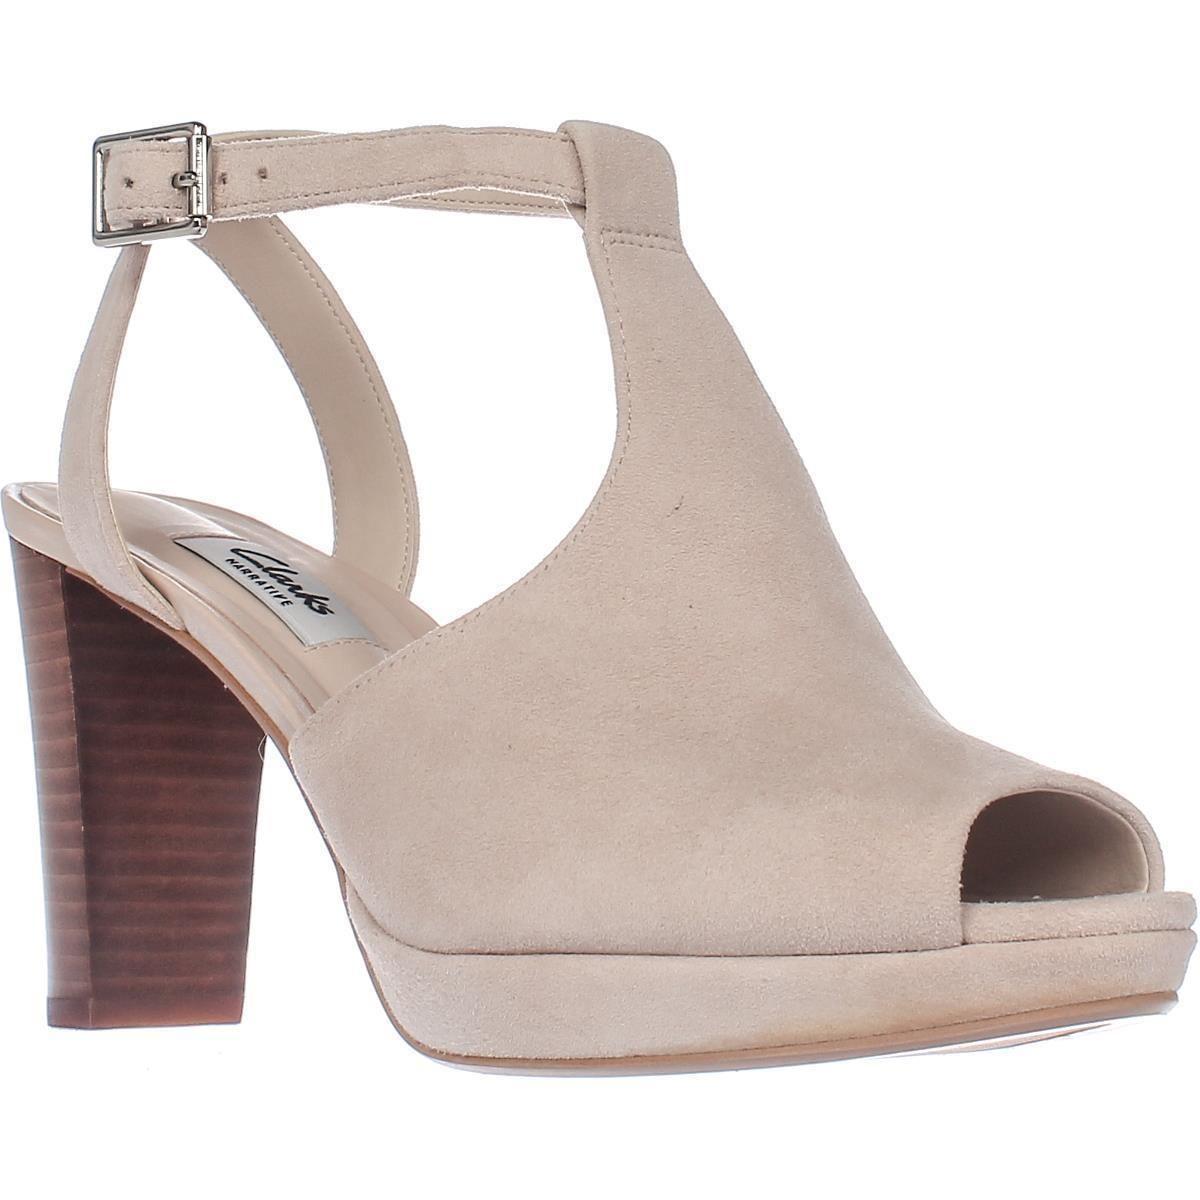 1f3cde84b6ca Clarks Kendra Charm T-Strap Comfort Heel Sandals